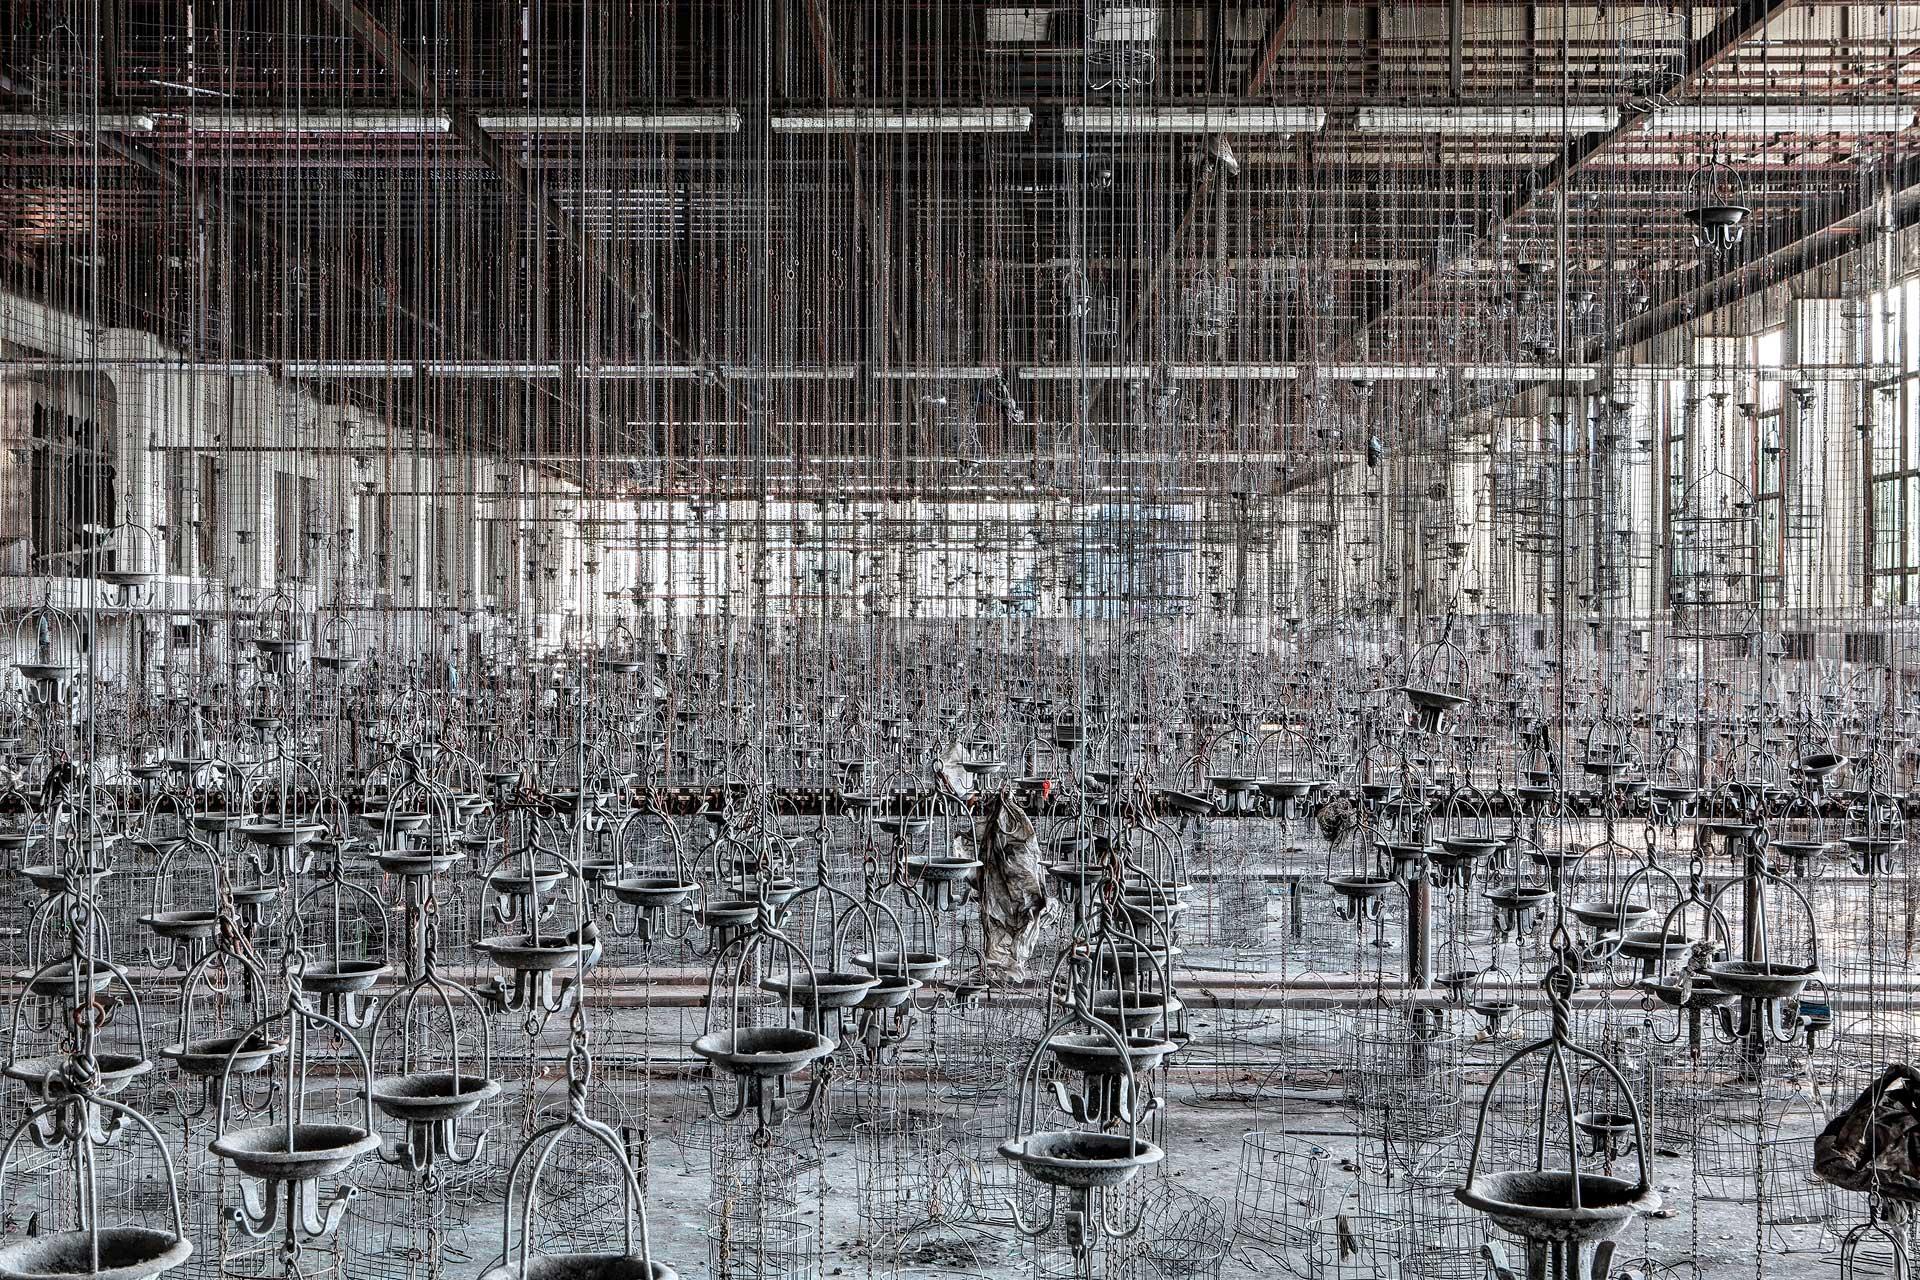 photo d'architecture abandonnée prise par julien cresp, photographe en allemagne